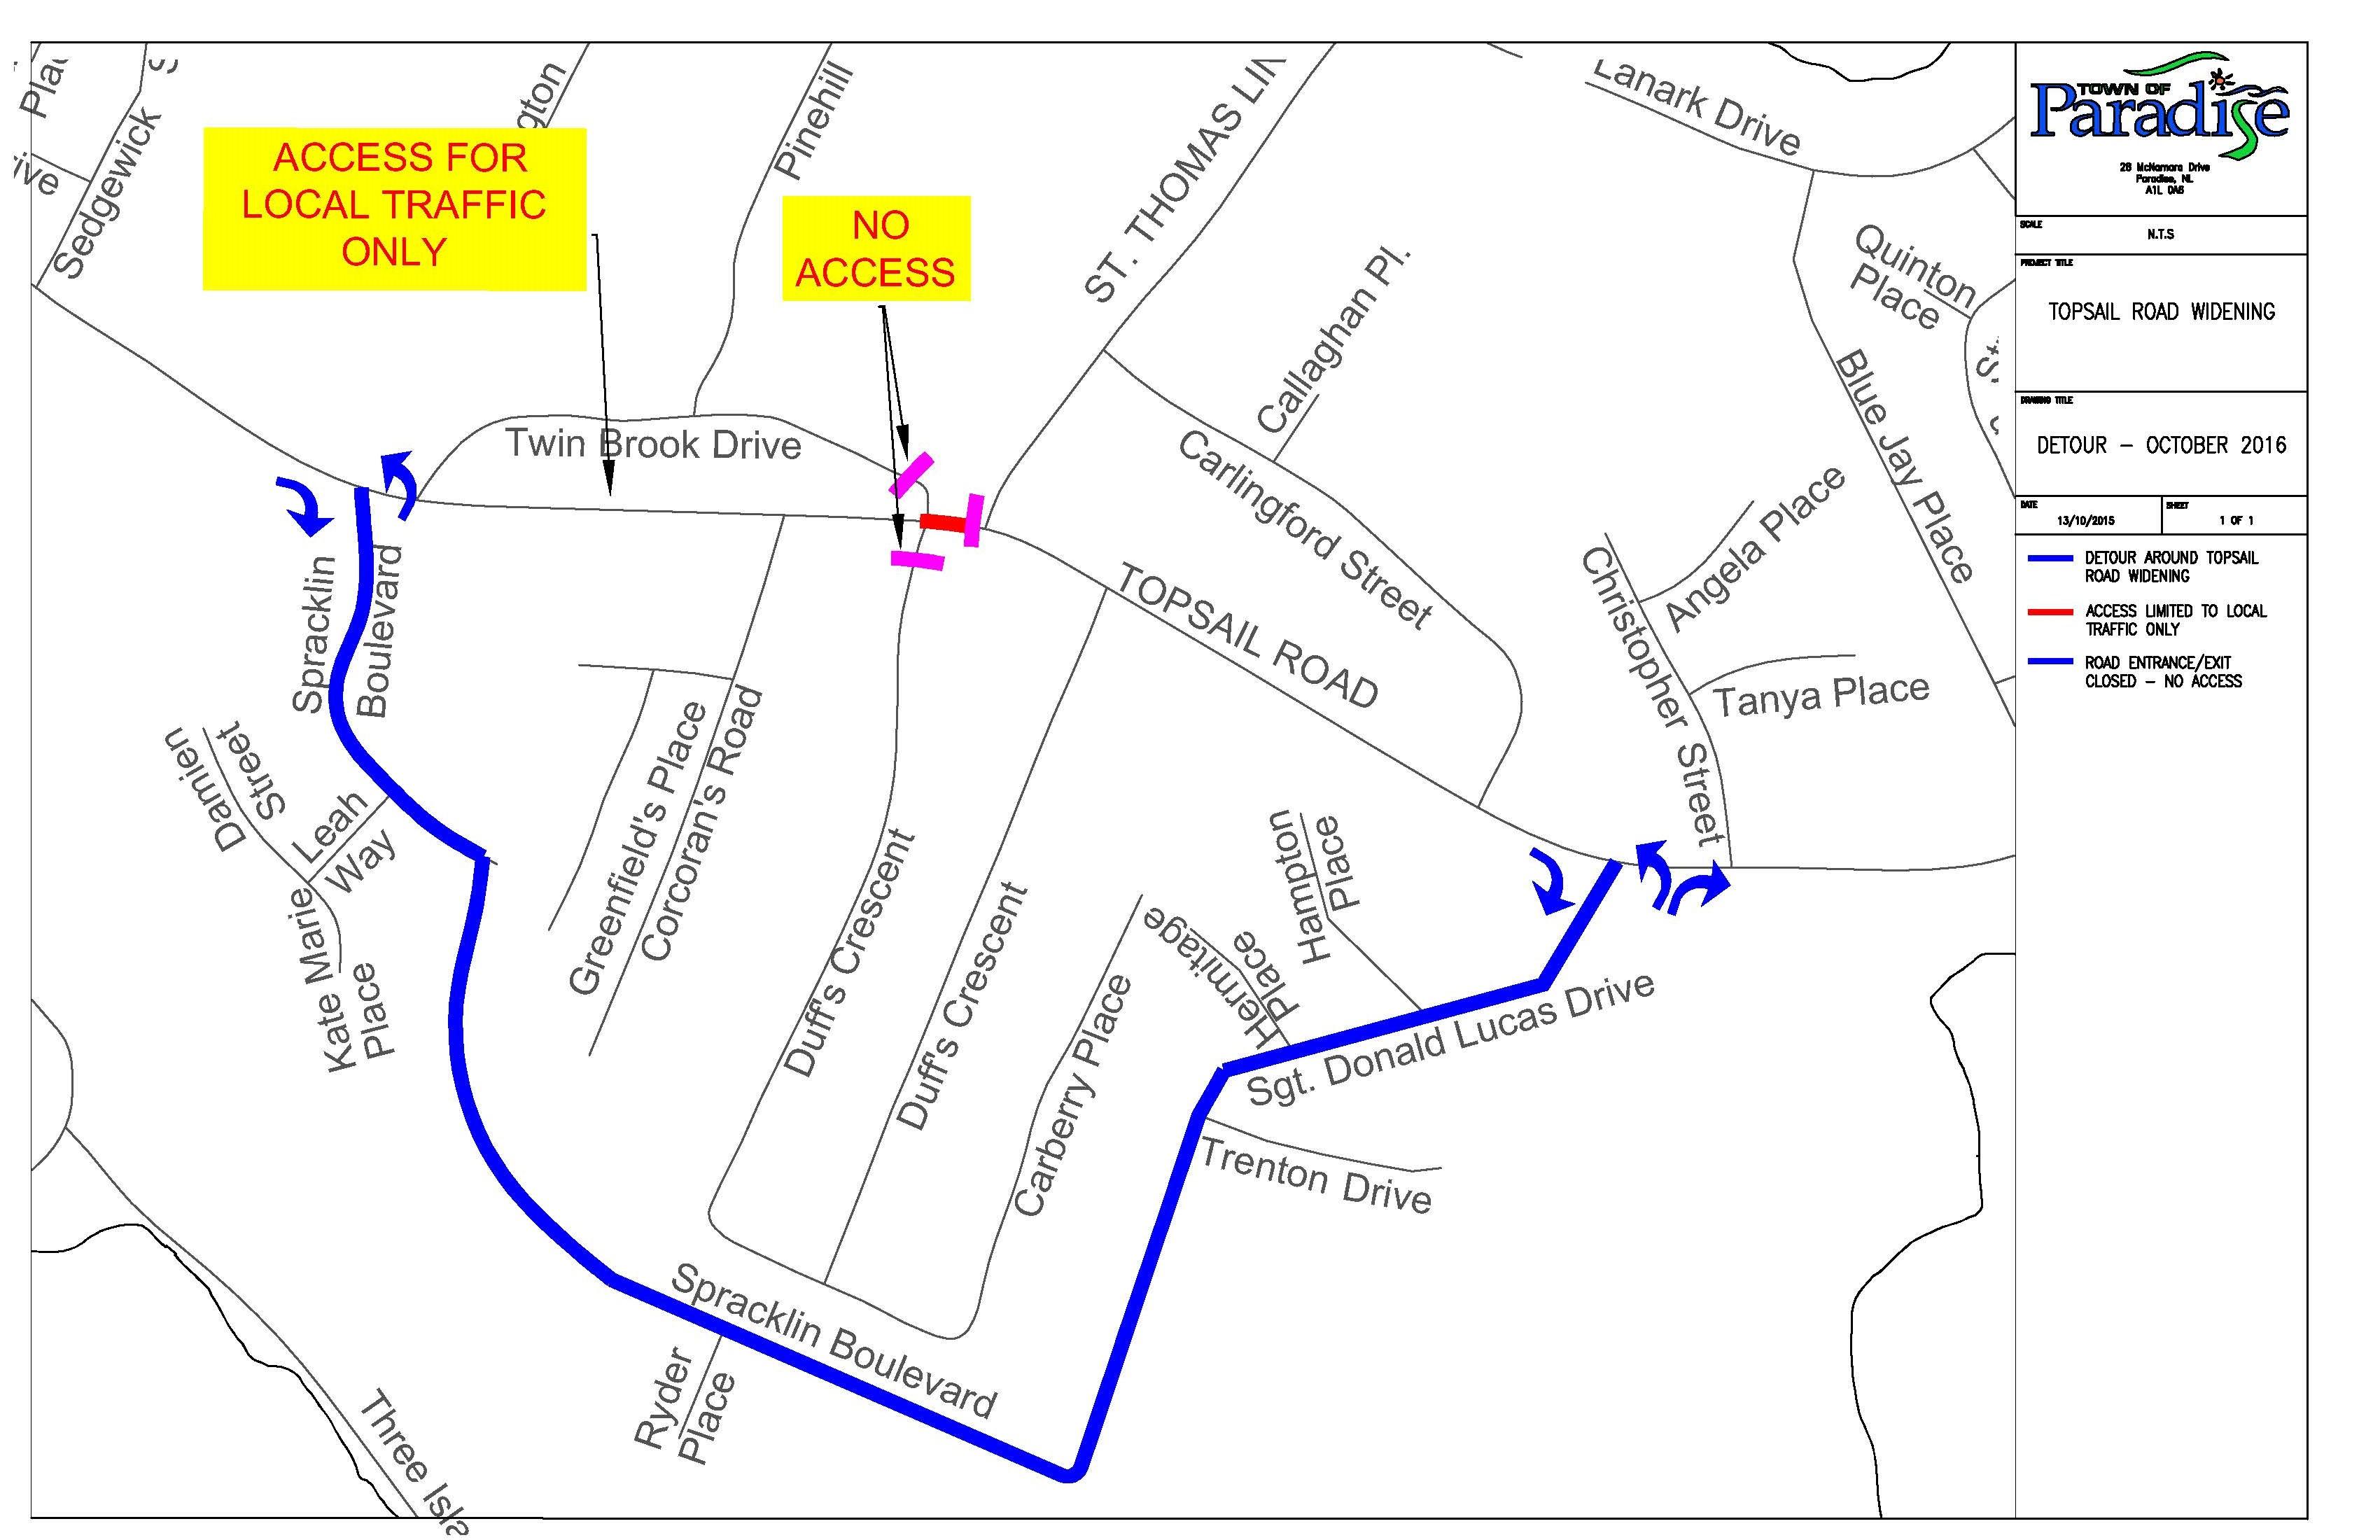 Topsail Road Detour Route